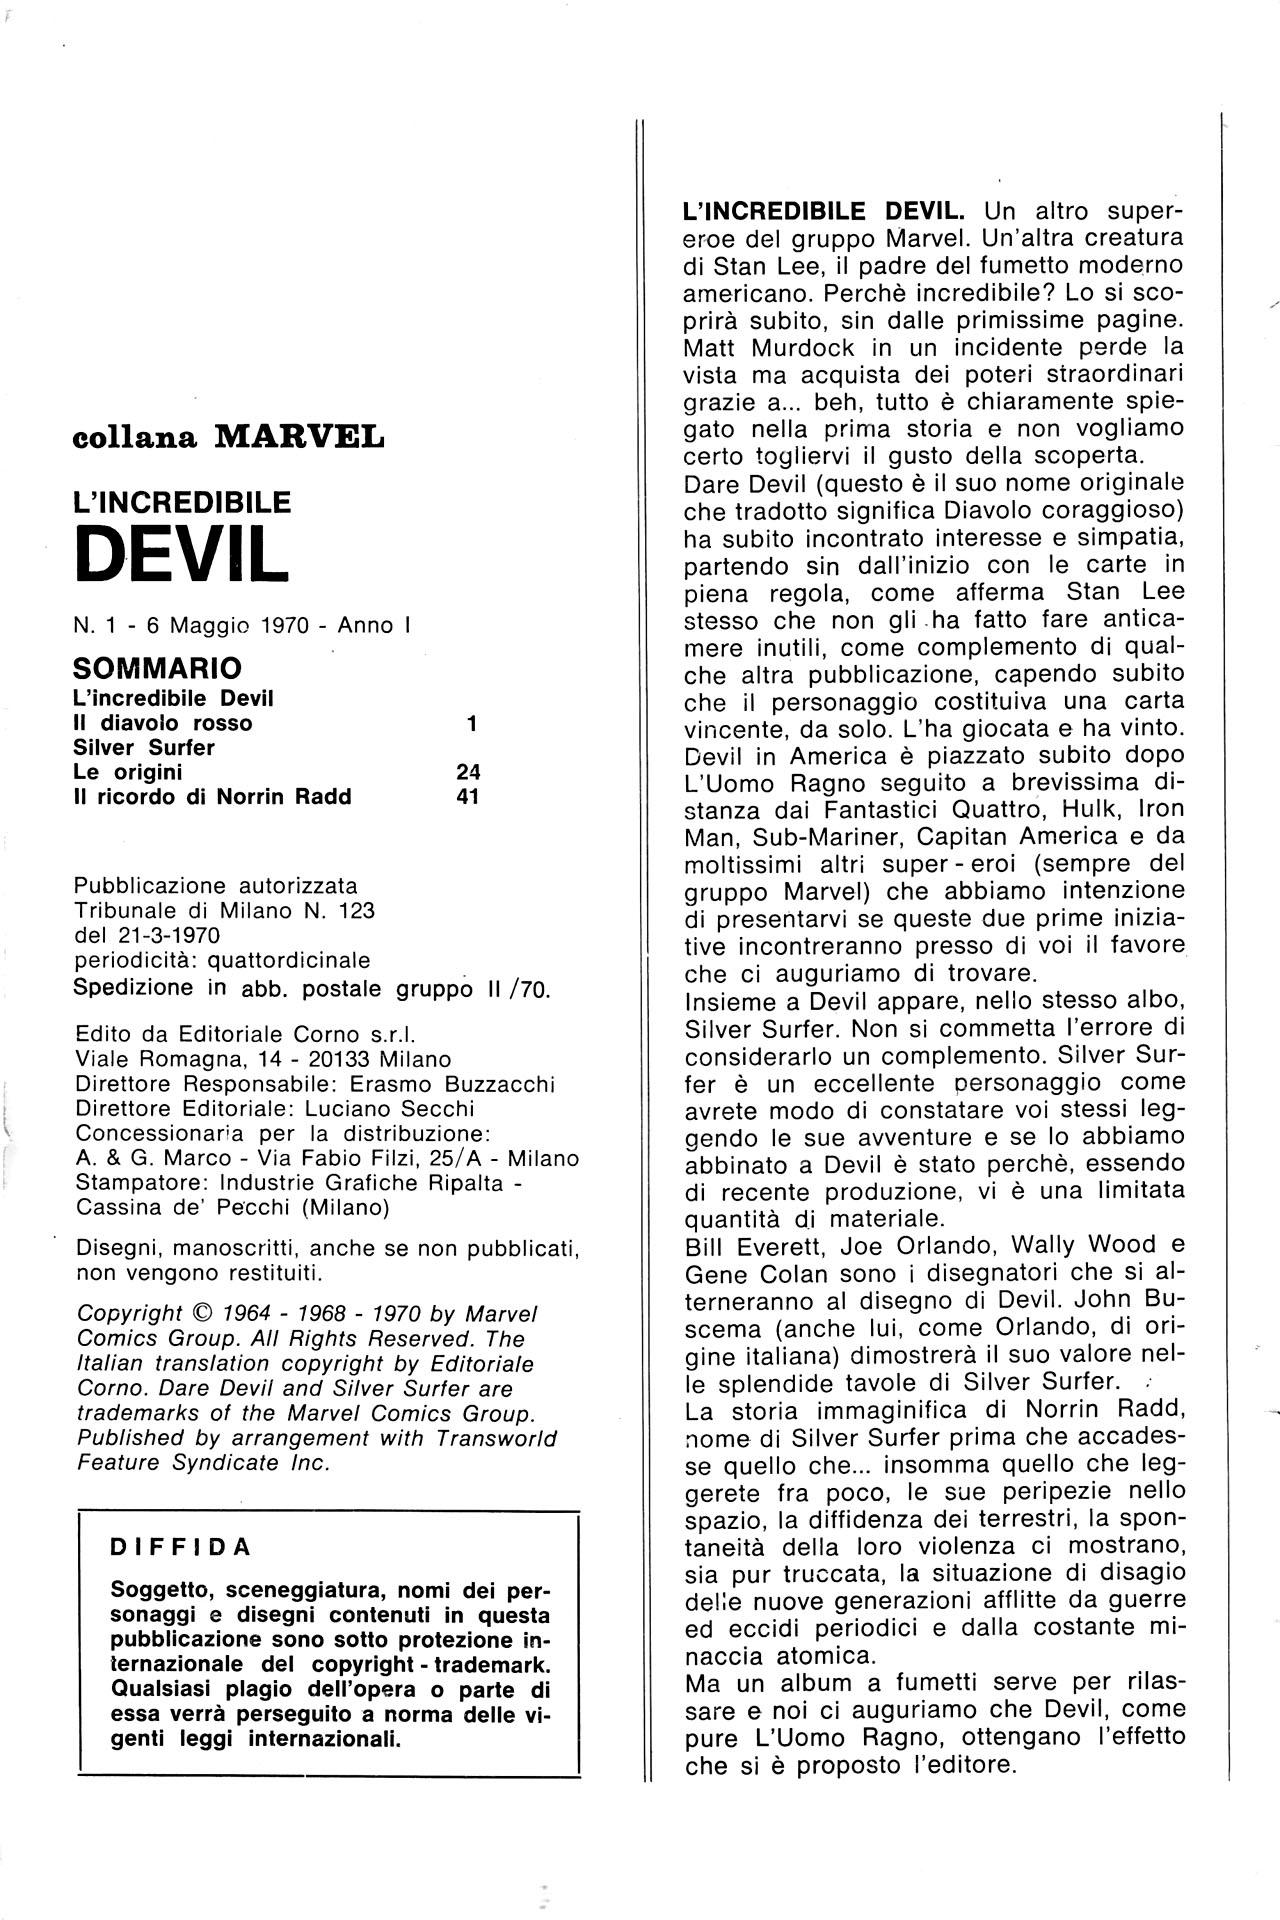 I PRIMI 5 NUMERI ITALIANI DI DEVIL